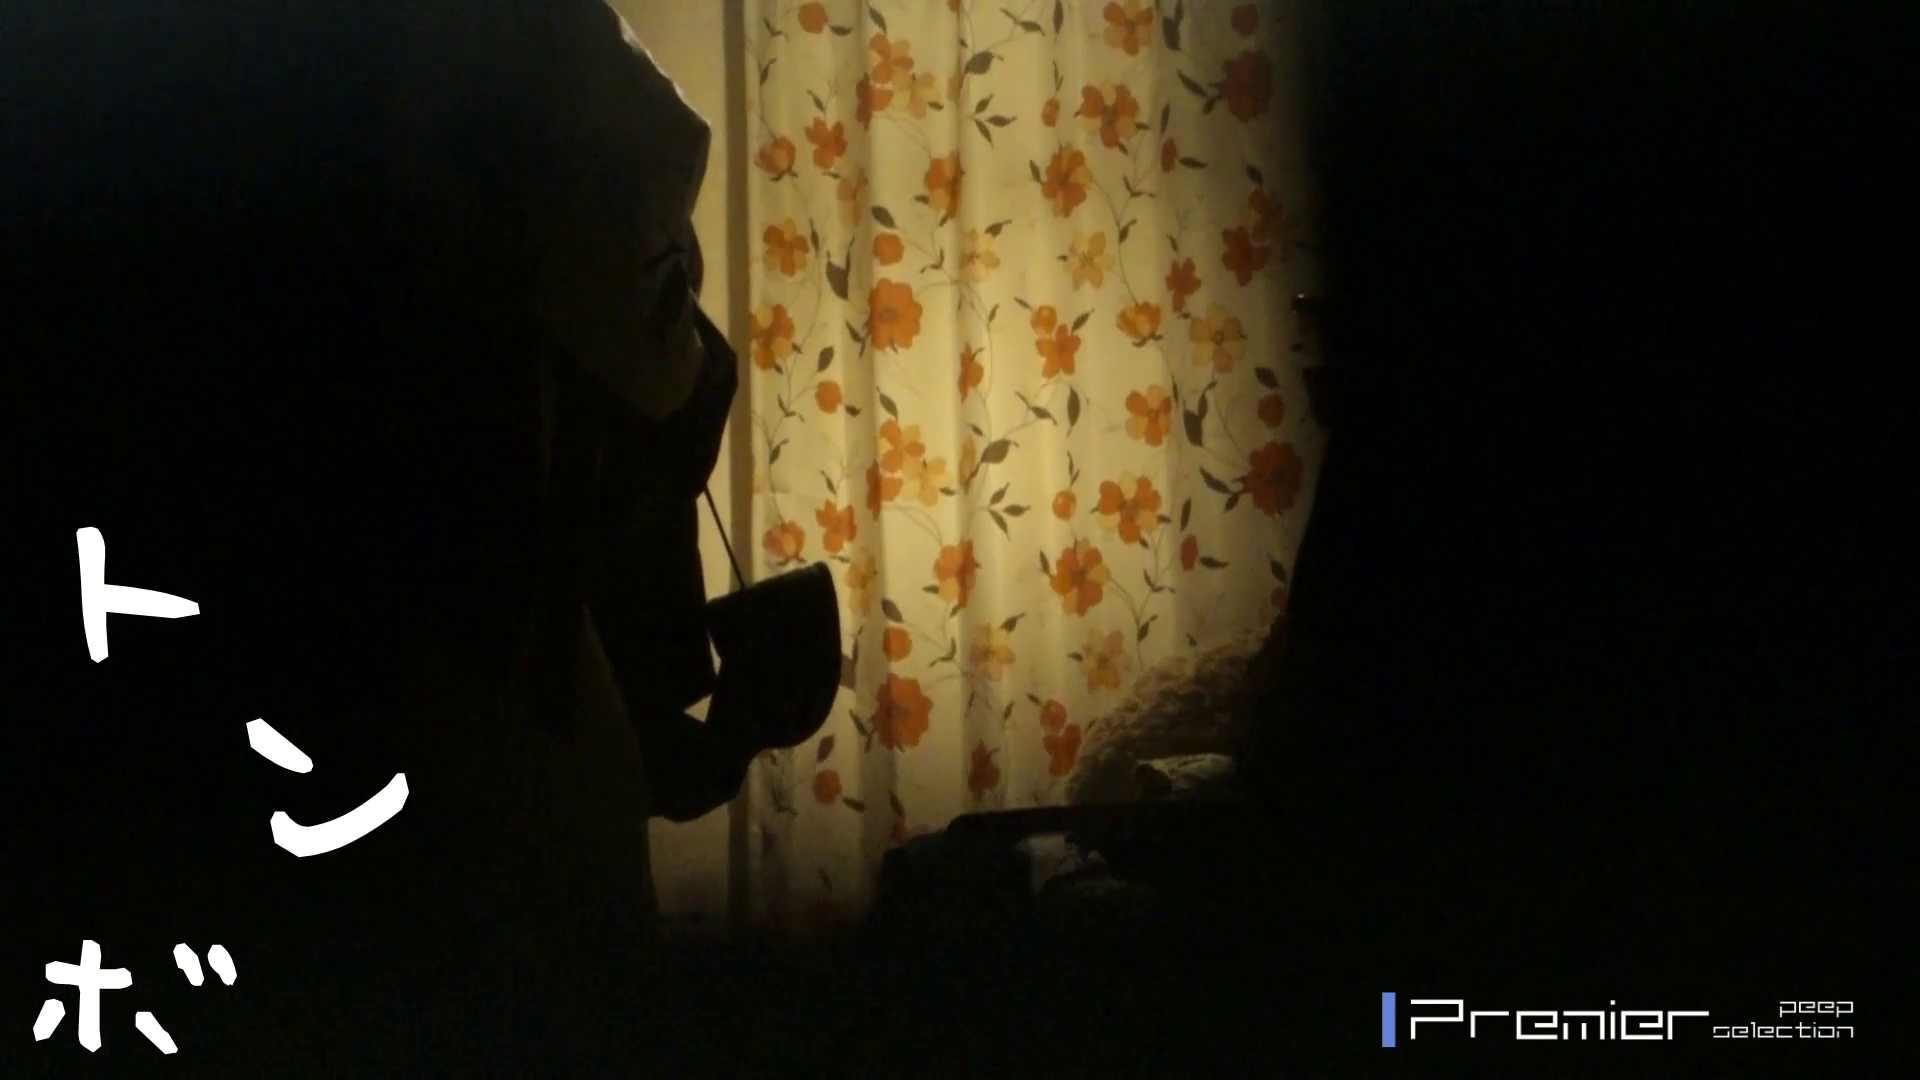 美女達の私生活に潜入!OL入浴前後の裸と私生活 高画質 盗み撮りSEX無修正画像 21pic 3